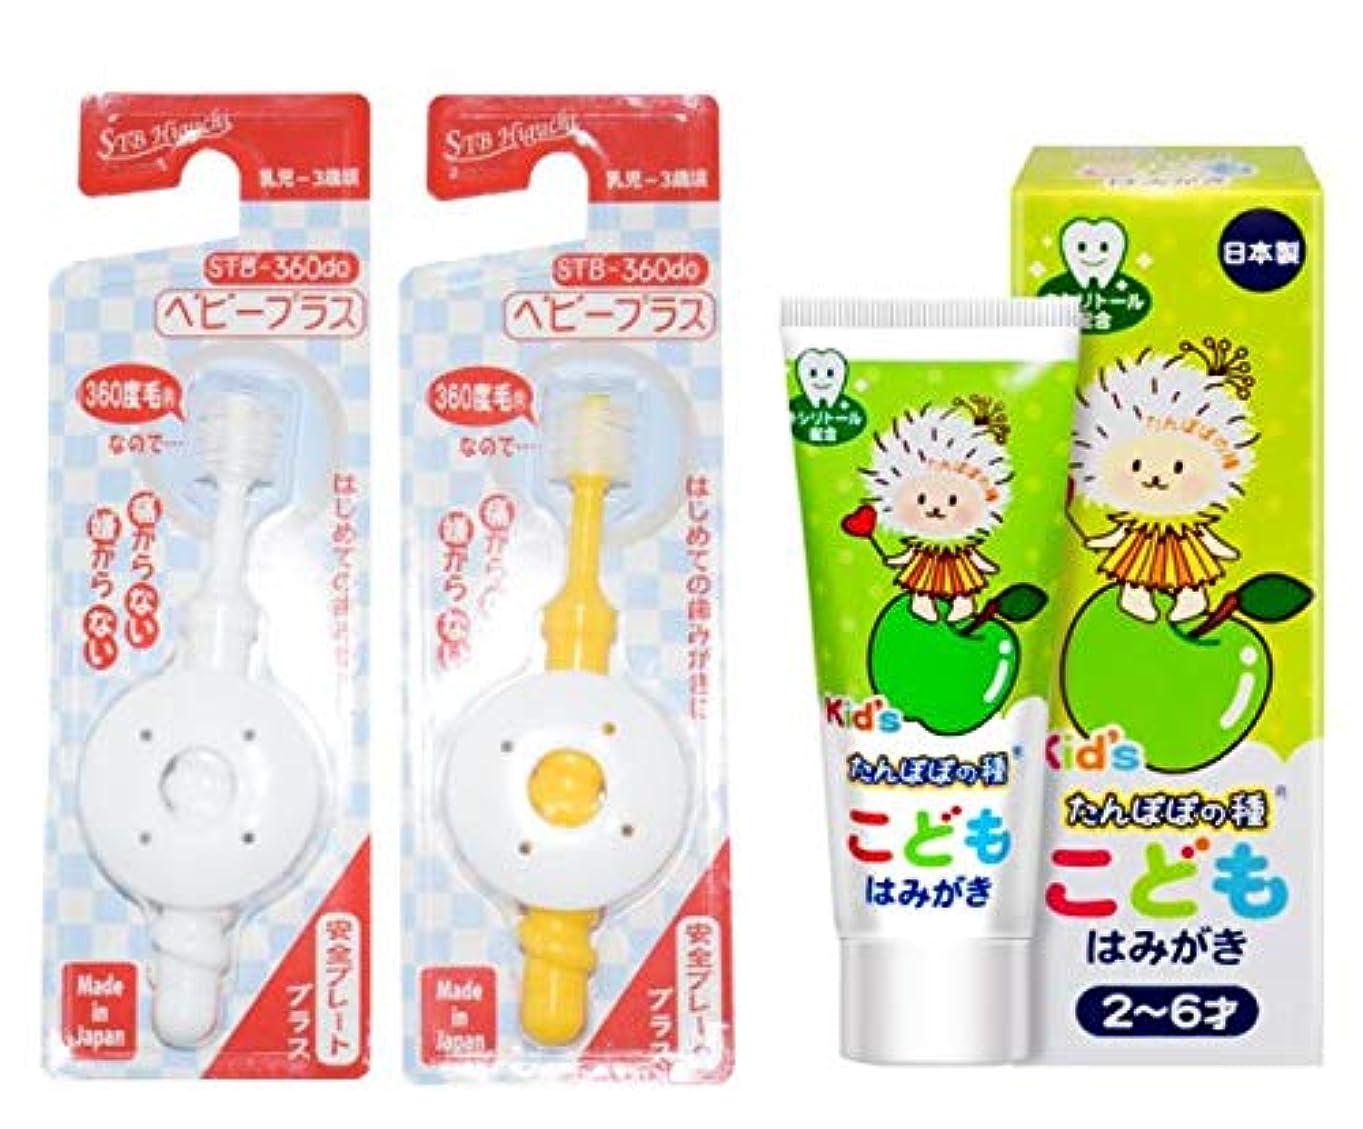 リーズ避ける玉ねぎSTB-360do ベビープラス 360度歯ブラシ 2本 子供用ハミガキ粉セット